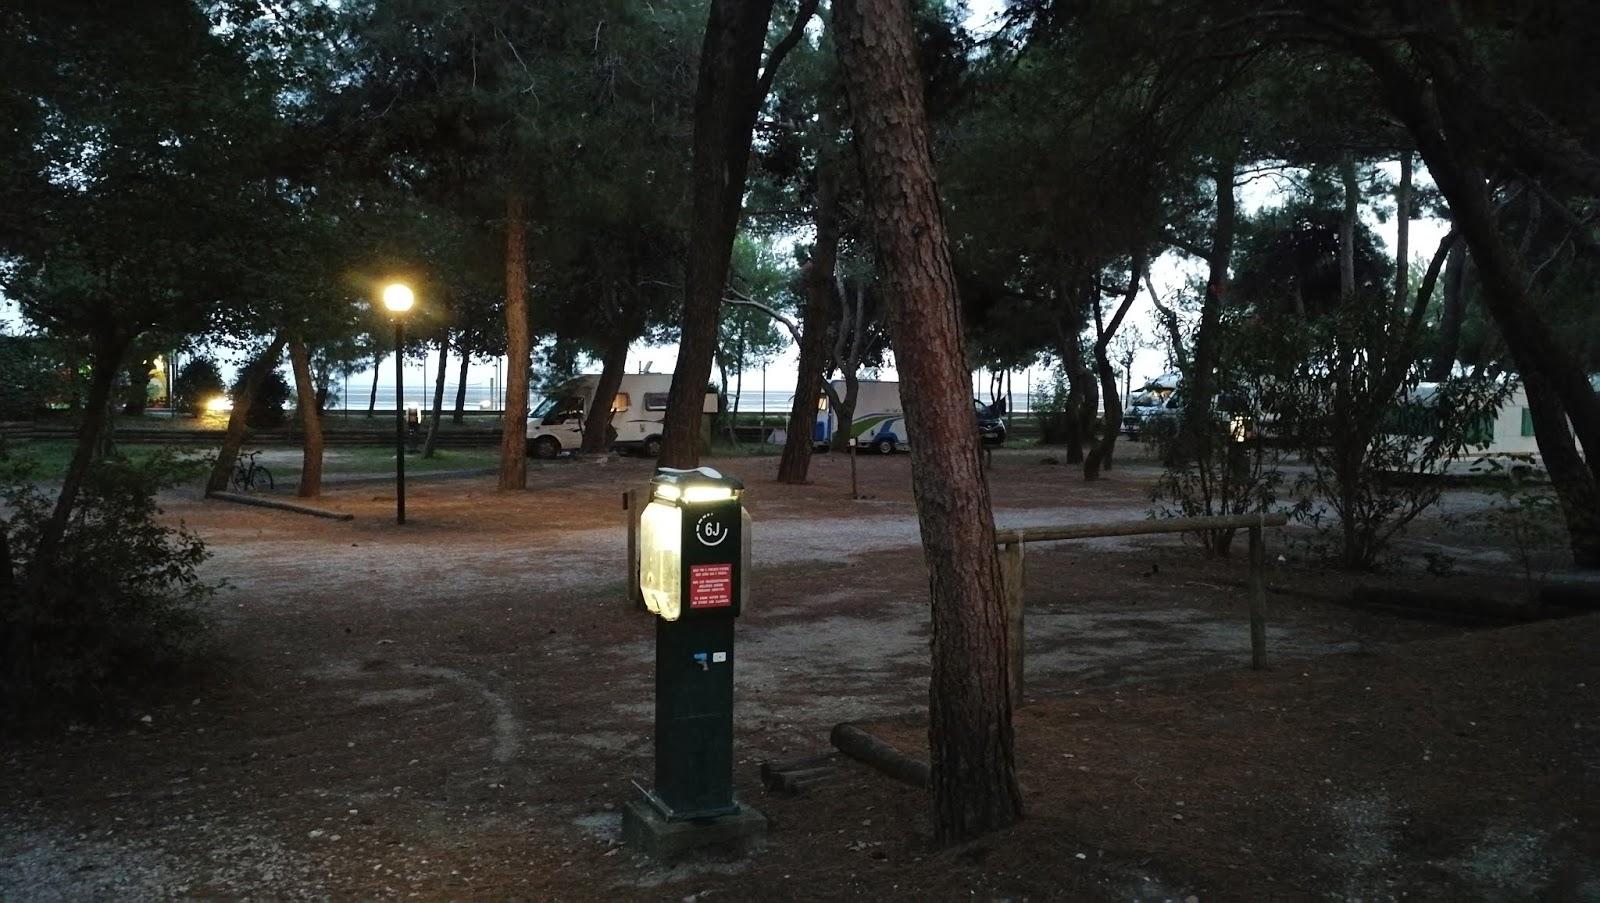 https://www.kempy-chaty.cz/sites/default/files/turistika/kempy_italie_12.jpg